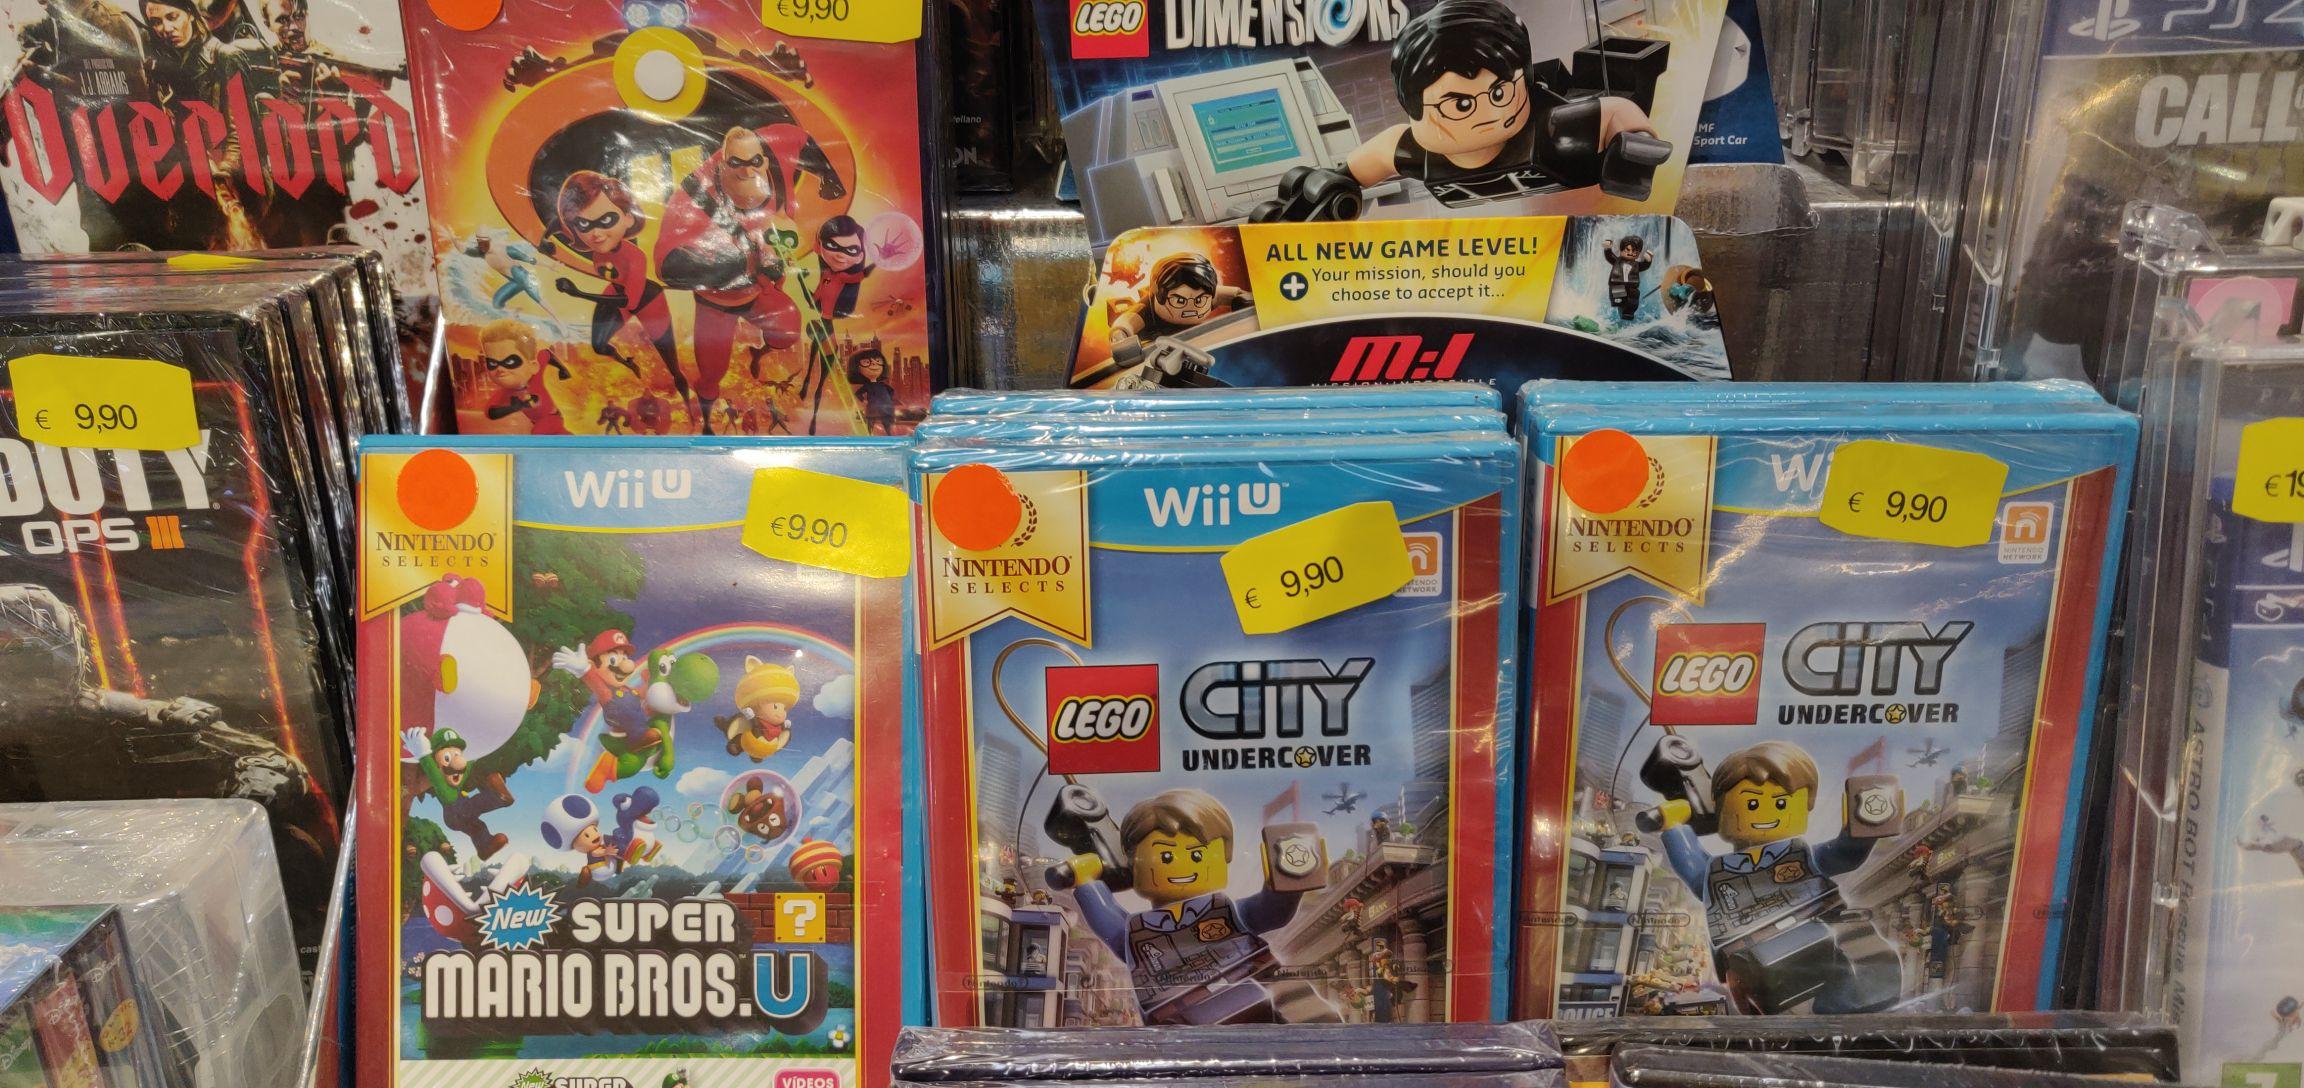 Juegos precintados Wii U por 9.90€